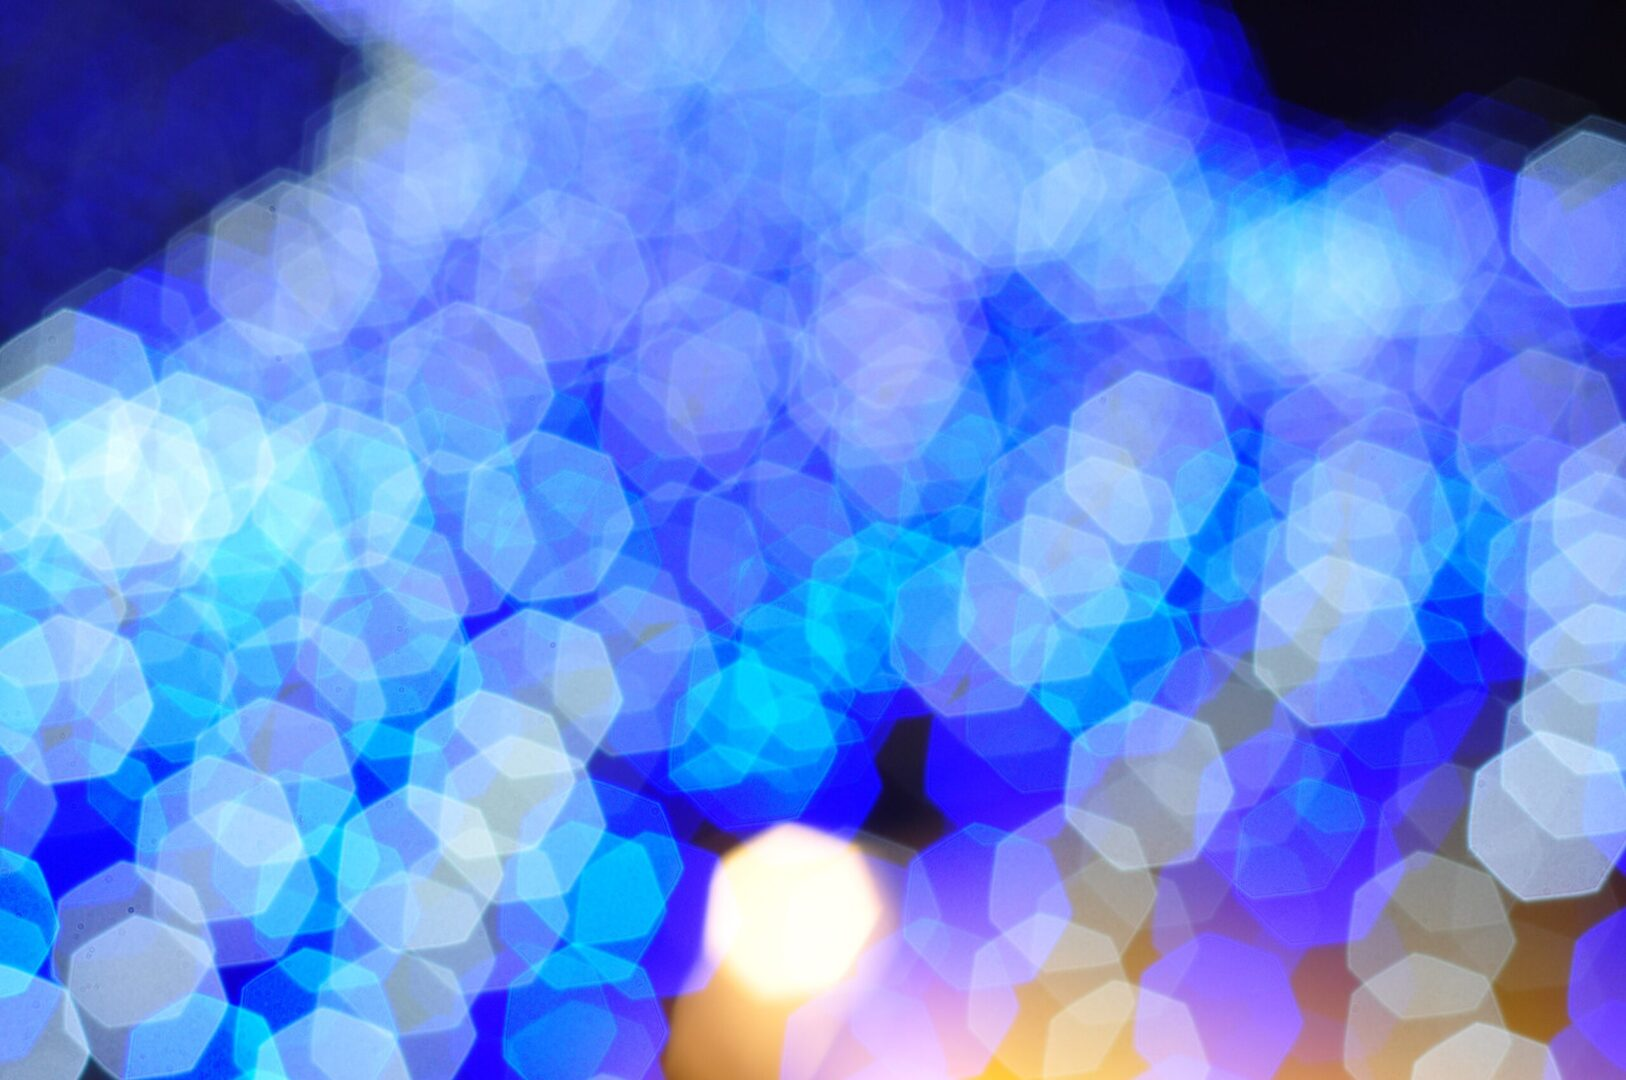 Ιχθύες, Ποσειδώνας και εθισμοί – Μια βαθύτερη κατανόηση